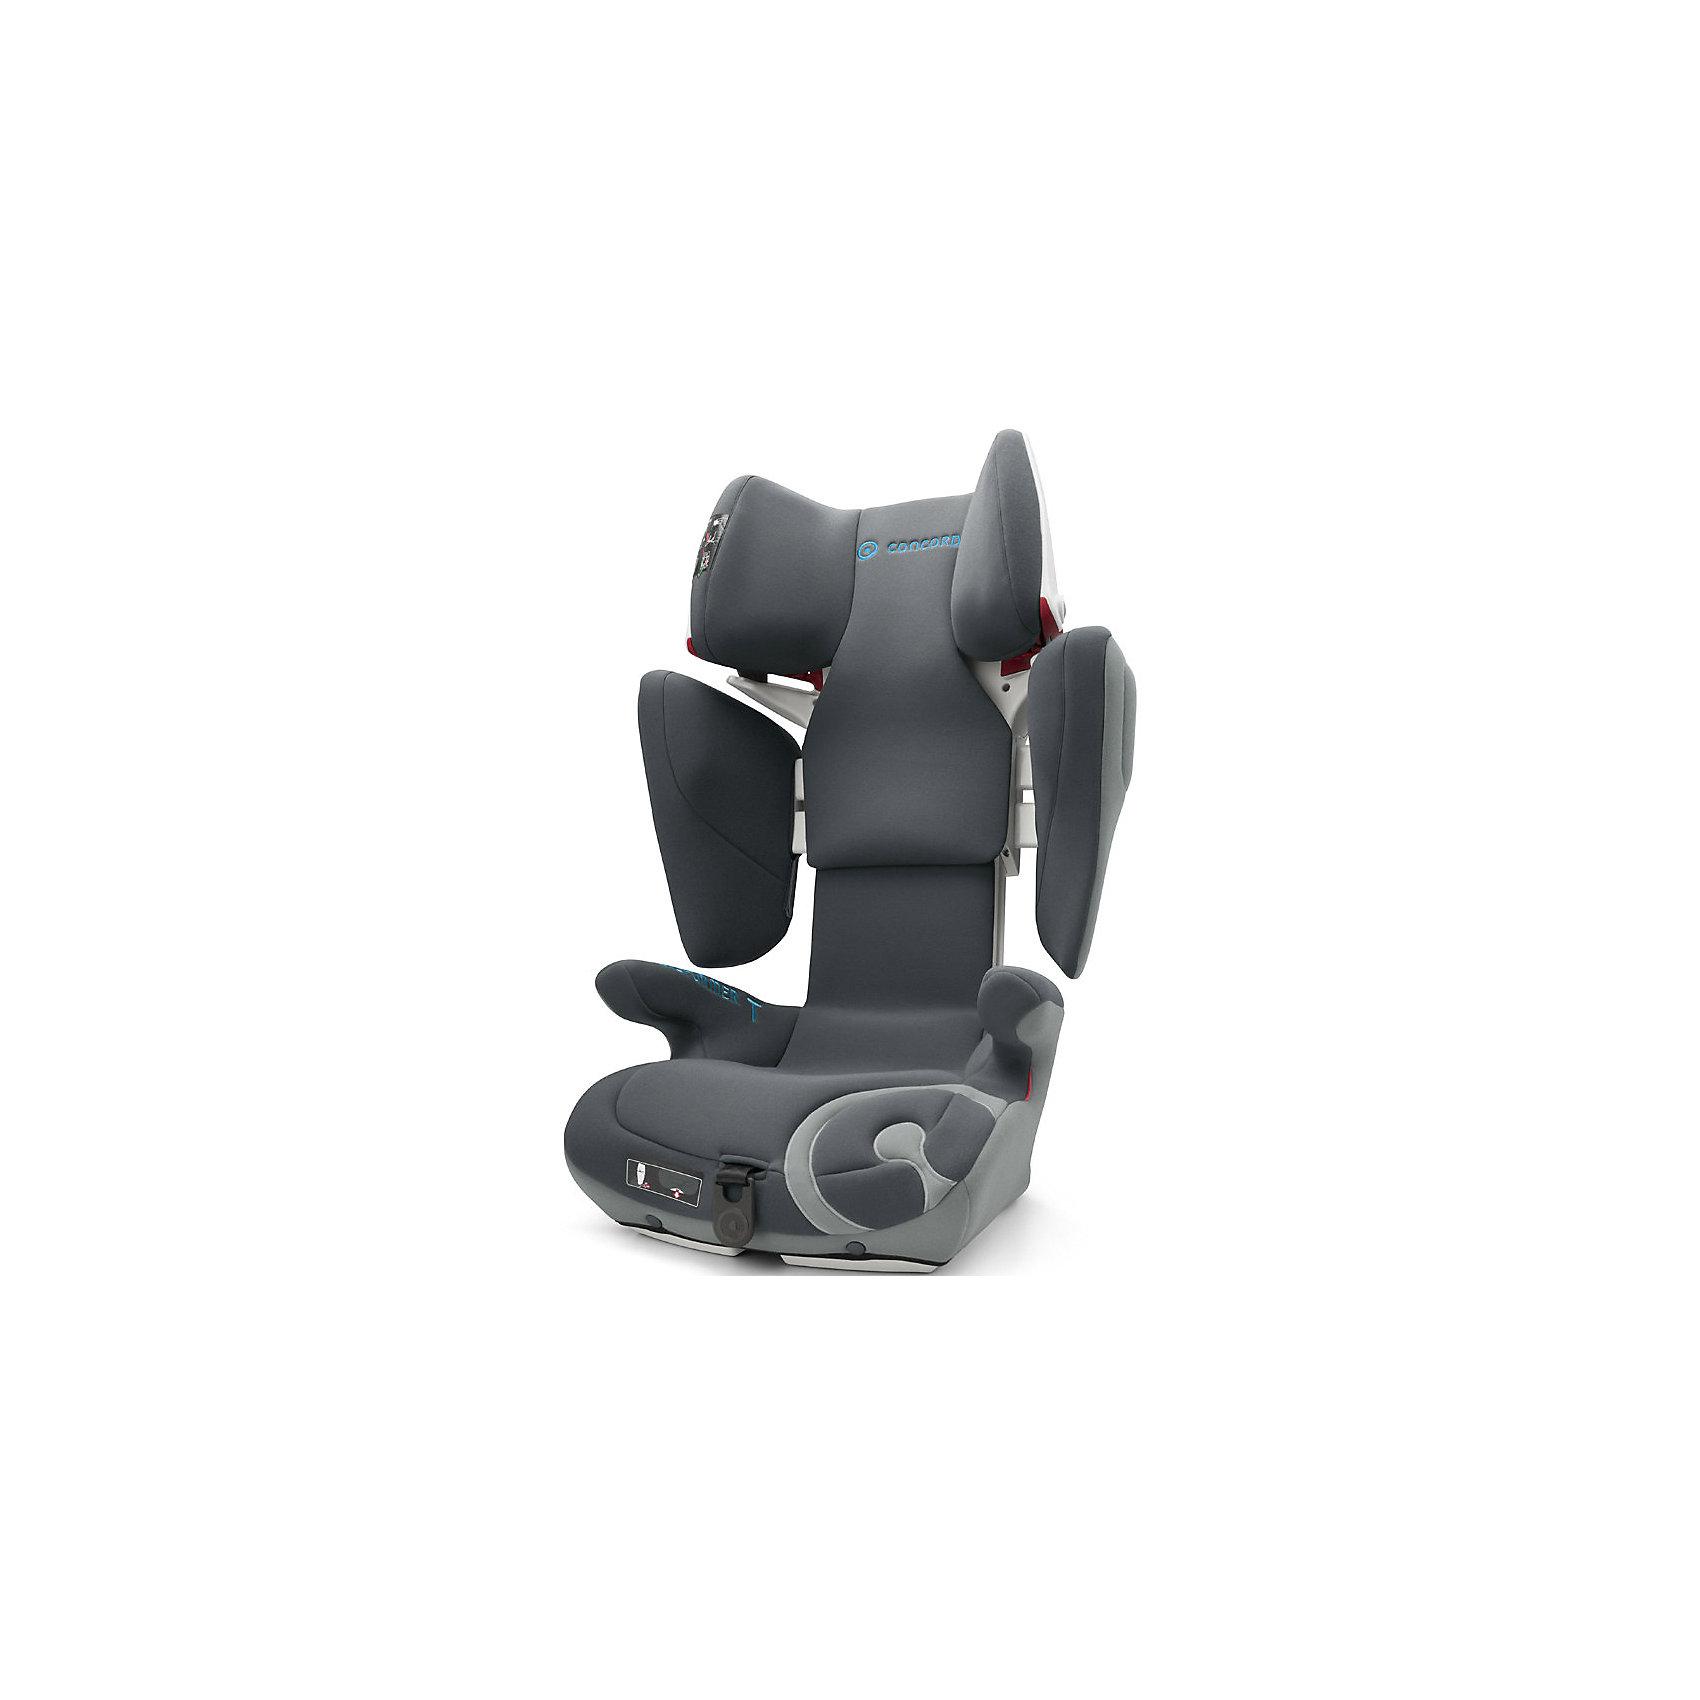 Автокресло Transformer T, 15-36 кг., Concord, Stone GreyБезопасное, комфортное автомобильное кресло Transformer T, Concord отличается современным дизайном, прочной подуманной конструкцией и системой регулировок. Компактная форма ракушки, объемные боковины, защитный корпус с двойными стенками обеспечивают исключительную безопасность и оптимальную защиту в случае бокового удара. Мягкие большие подлокотники, мягкое сидение, дополнительная смягчающая сиденье вставка идеально подходят для комфортного путешествия. За счёт использования пневмо-механизма увеличить высоту подголовника (20 положений)  и расширить боковины можно нажатием на одну кнопку. Автокресло крепится в автомобиле с помощью штатного ремня безопасности автомобиля к скобам Isofix автомобиля. Красные направляющие позволят правильно расположить ремни. Направляющие автомобильного ремня в подголовнике пропускают ремень только в одну сторону, исключая его самопроизвольное выпадение. В автокреслах Transformer T, Concord использована концепция TRIZONE, за счет которой сочетаются разные типы тканей обивки. В нижней части кресла используются износостойкие материалы, в средней части используются материалы большой пропускной способности, для обеспечения хорошей вентиляции, в местах соприкосновения с кожей ребенка используется мягкая и деликатная ткань. Обивка из высококачественных материалов, легко снимается и стирается в режиме деликатной стирки при температуре 30 градусах.<br><br>Дополнительная информация:<br><br>- Группа 2-3 от 3 до 12 лет (15-36 кг)<br>- Размер в минимальной позиции: 46 х 49 х 62 см.<br>- Размер в максимальной позиции: 46 х 55 х 82 см.<br>- Вес: 7,7 кг.<br>- Направление установки: по ходу движения автомобиля<br>- Соответствует стандарту ECE R 44/04<br>- Автокресло Transformer T Concord по результатам испытаний Eurotest, проводимых Stiftung Warentest, а также организациями ?AMTC и ADAC (ведущие организации, проверяющие надежность и качество детских автомобильных кресел) является победителем в своей